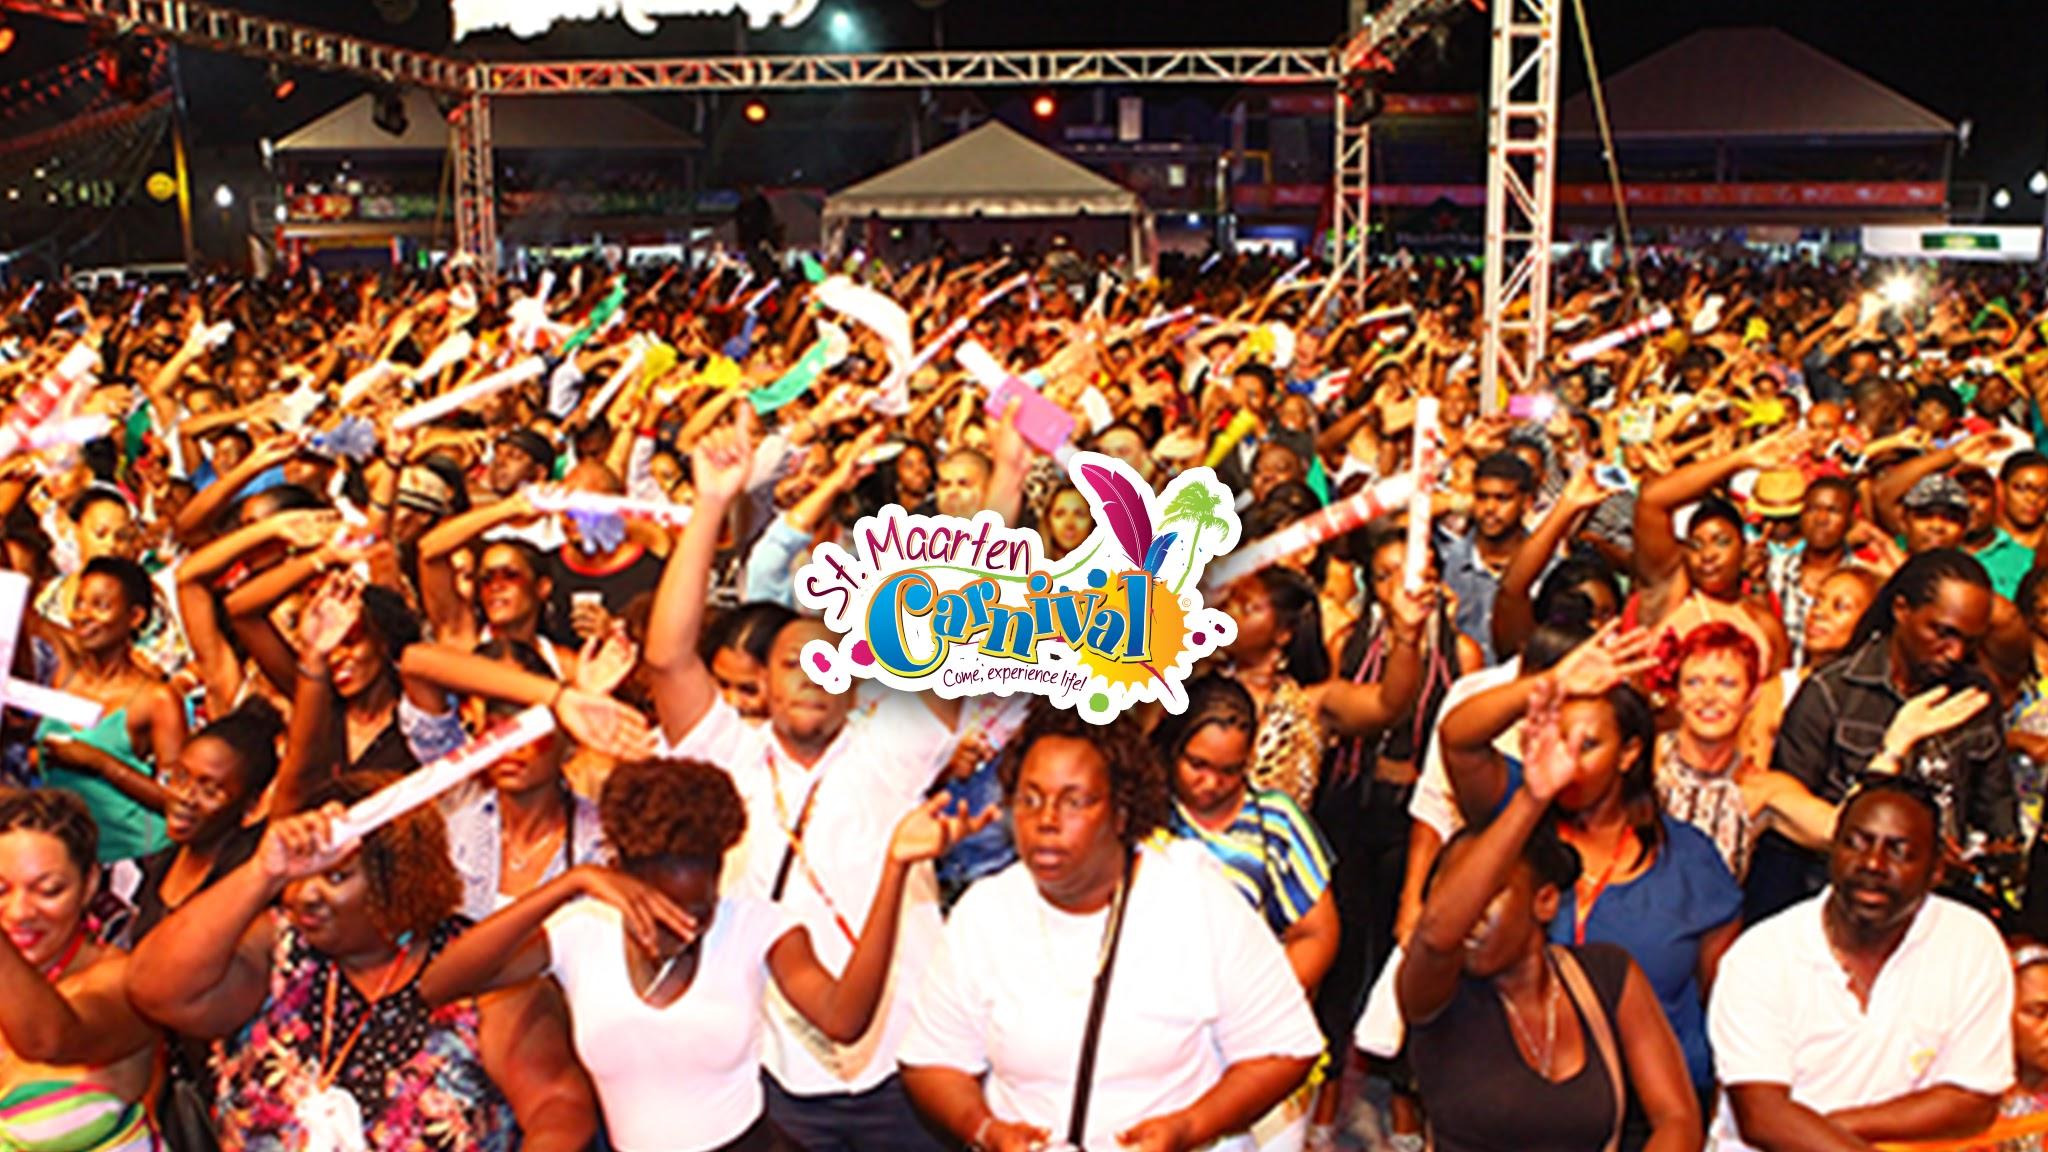 St. Maarten's Carnival